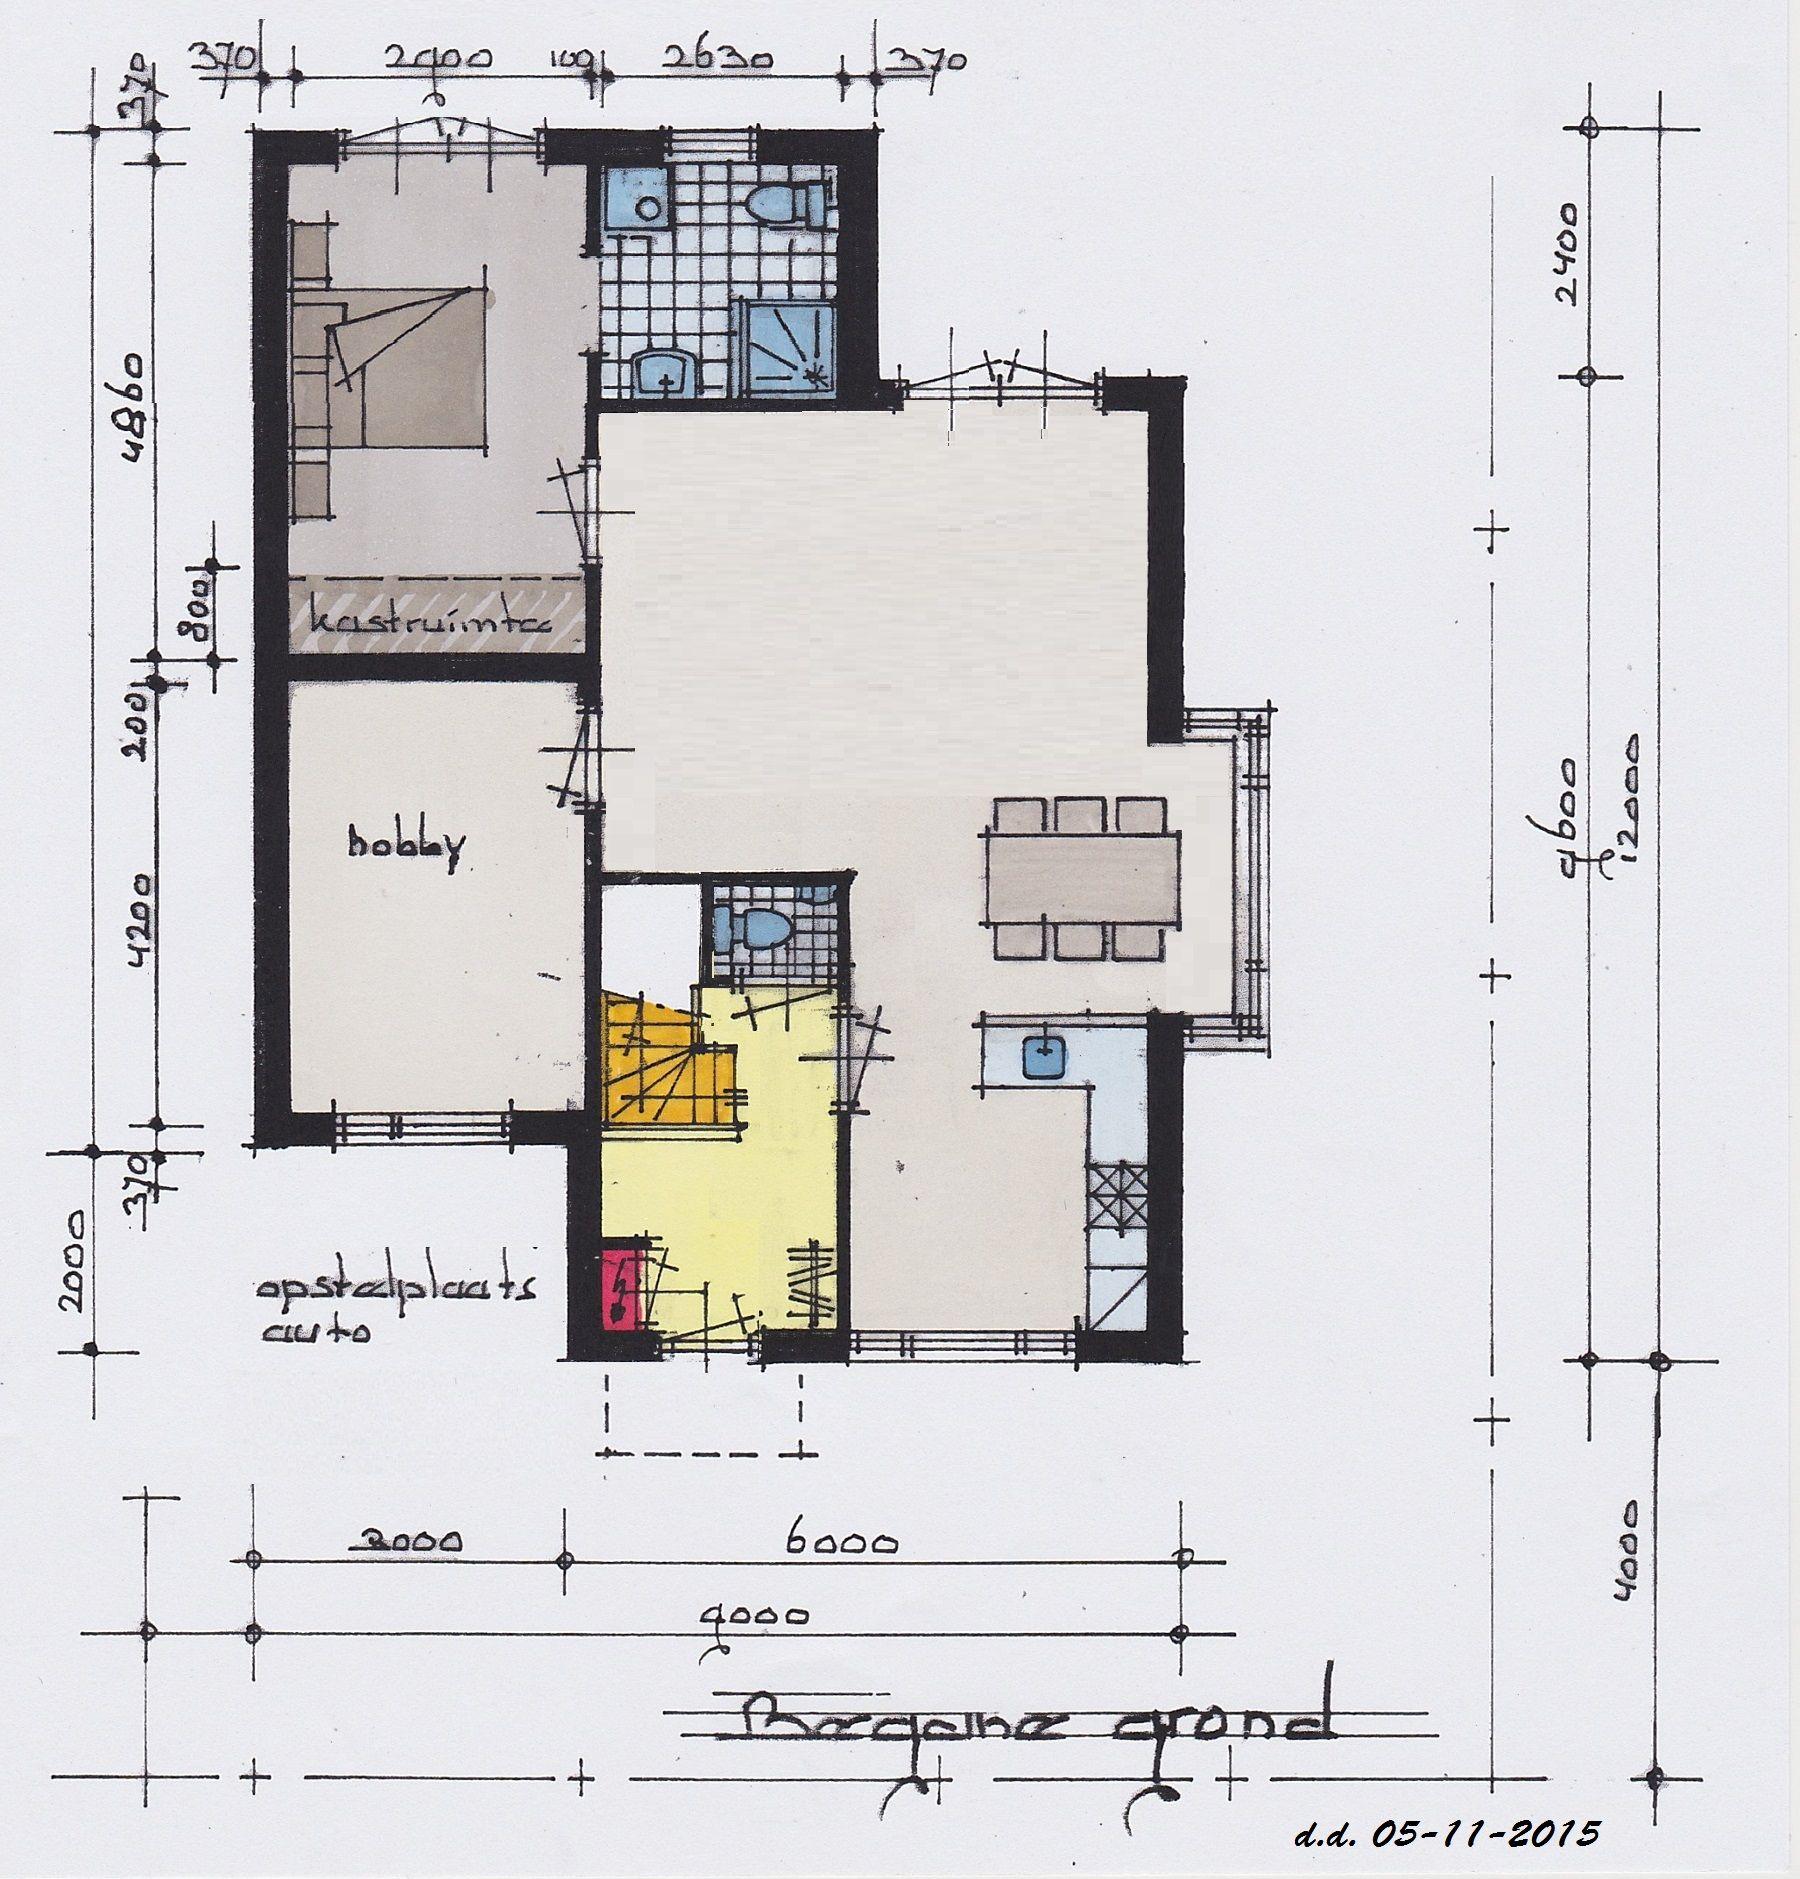 Huis ontwerpen online gratis trendy woning ontwerpen for Badkamer ontwerp programma downloaden